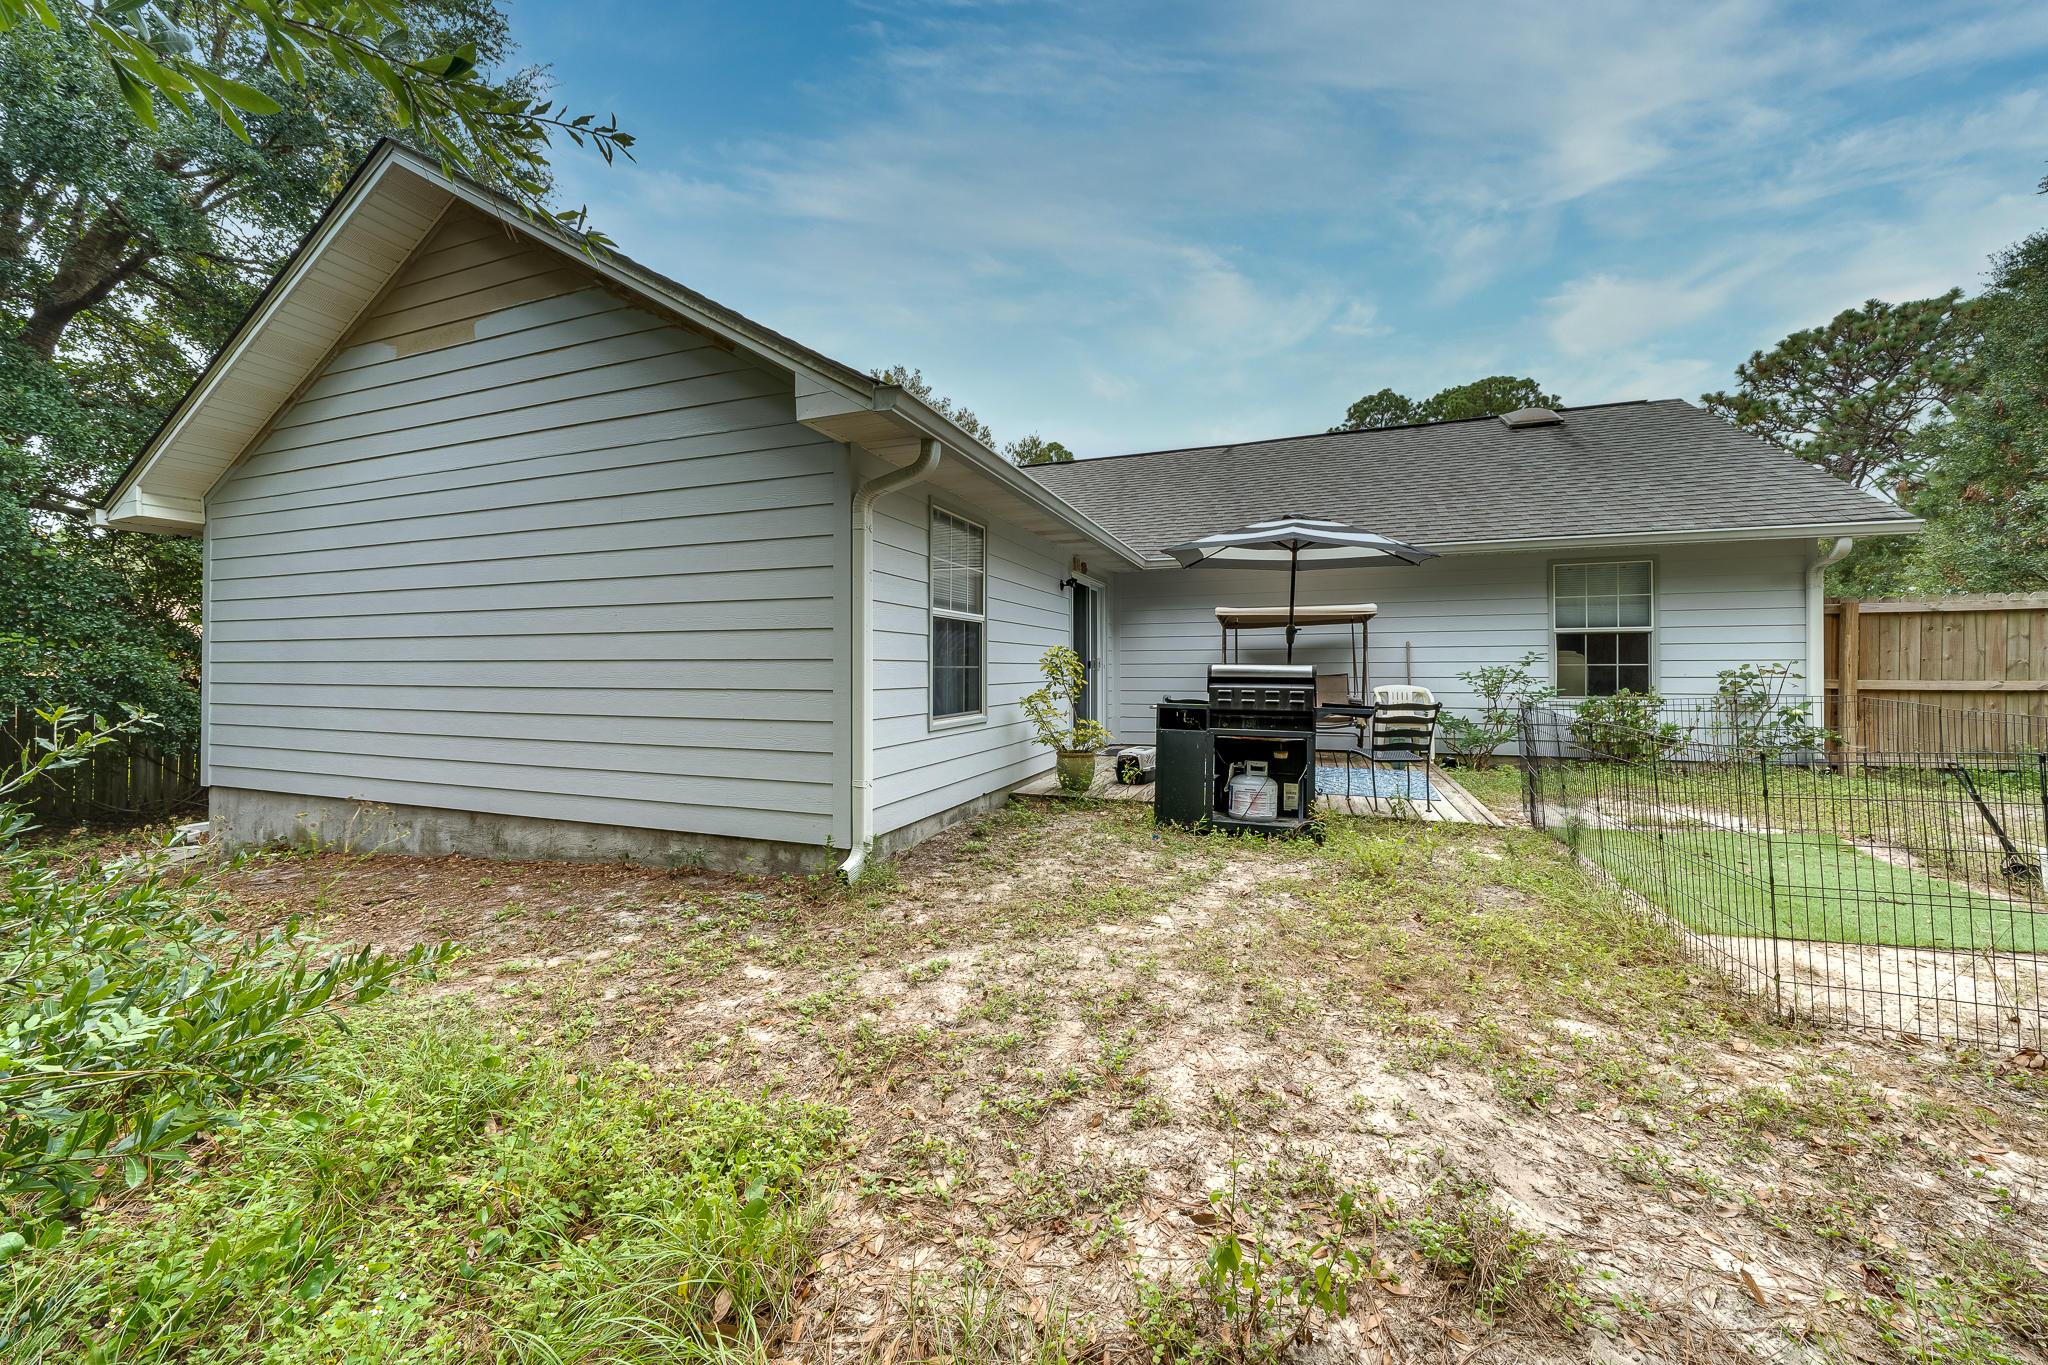 Photo of home for sale at 8408 Tavira, Navarre FL